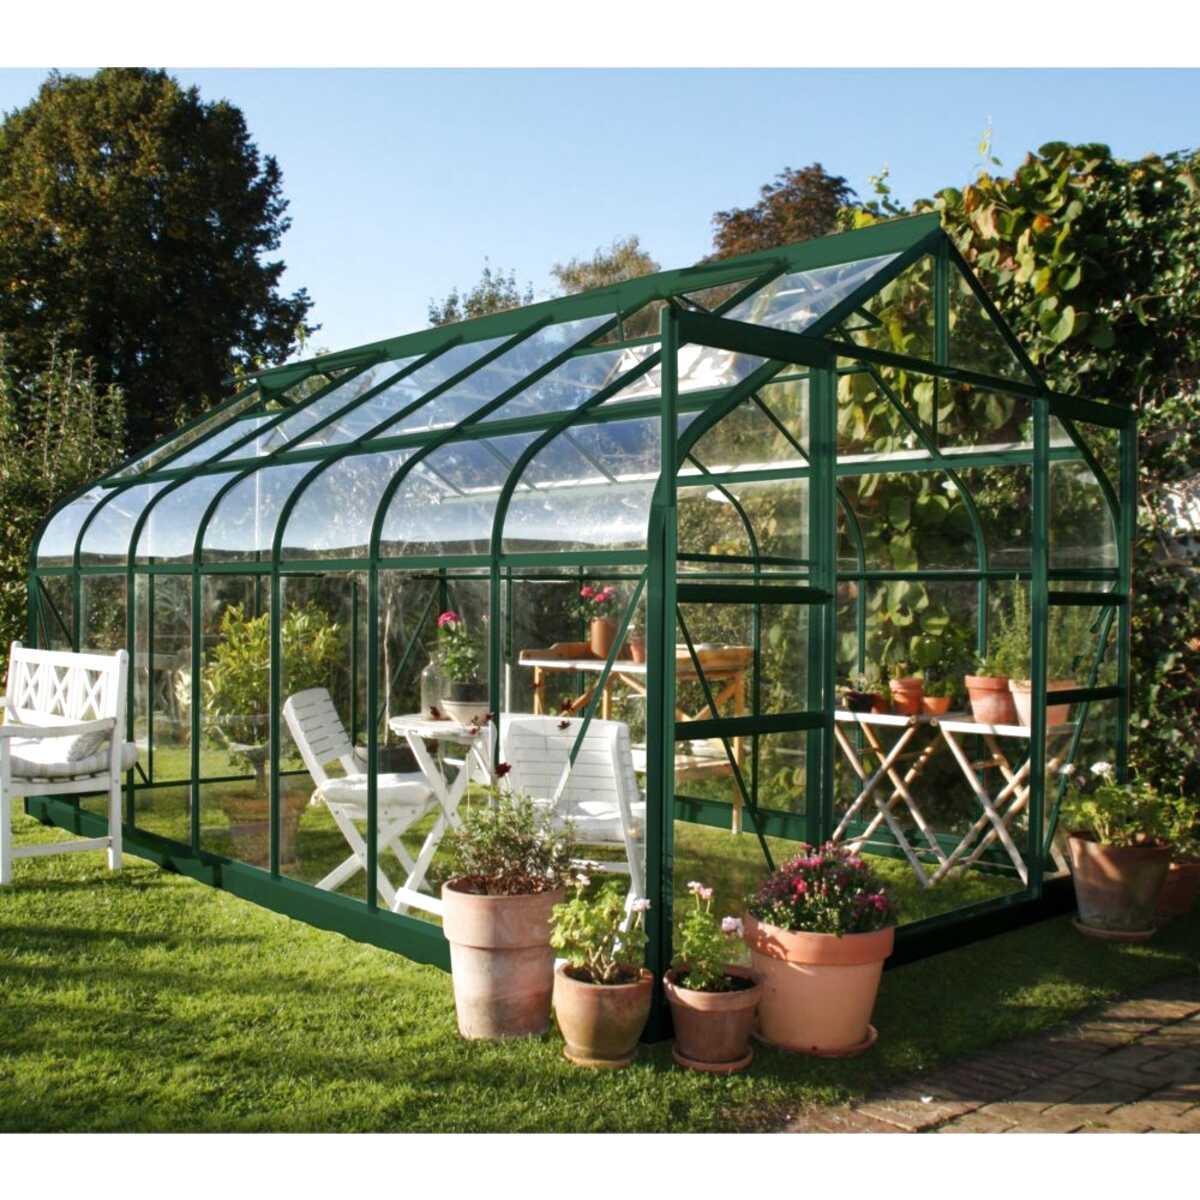 Serre Jardin D'occasion En Belgique (53 Annonces) tout Serre De Jardin D Occasion